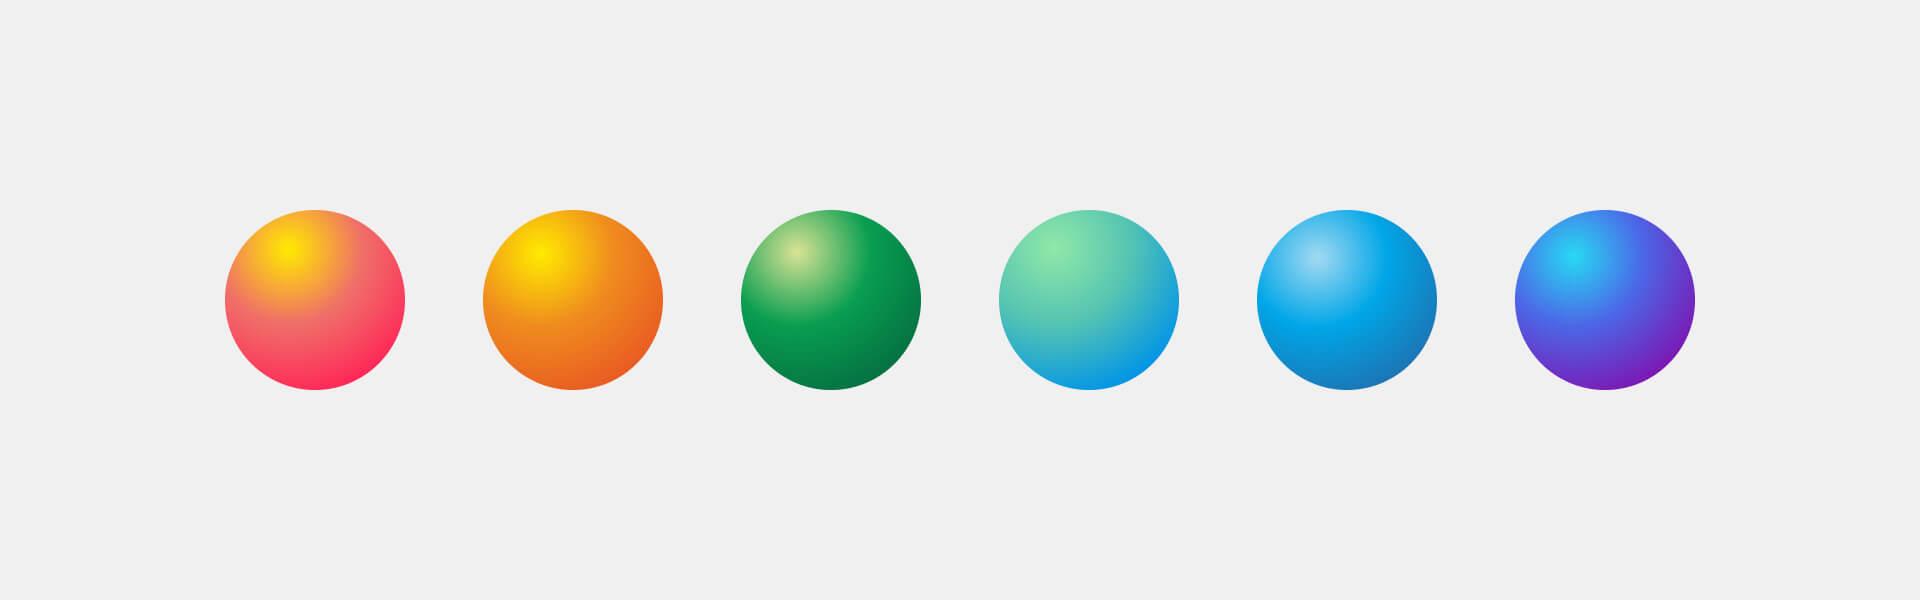 04 color gradient palette